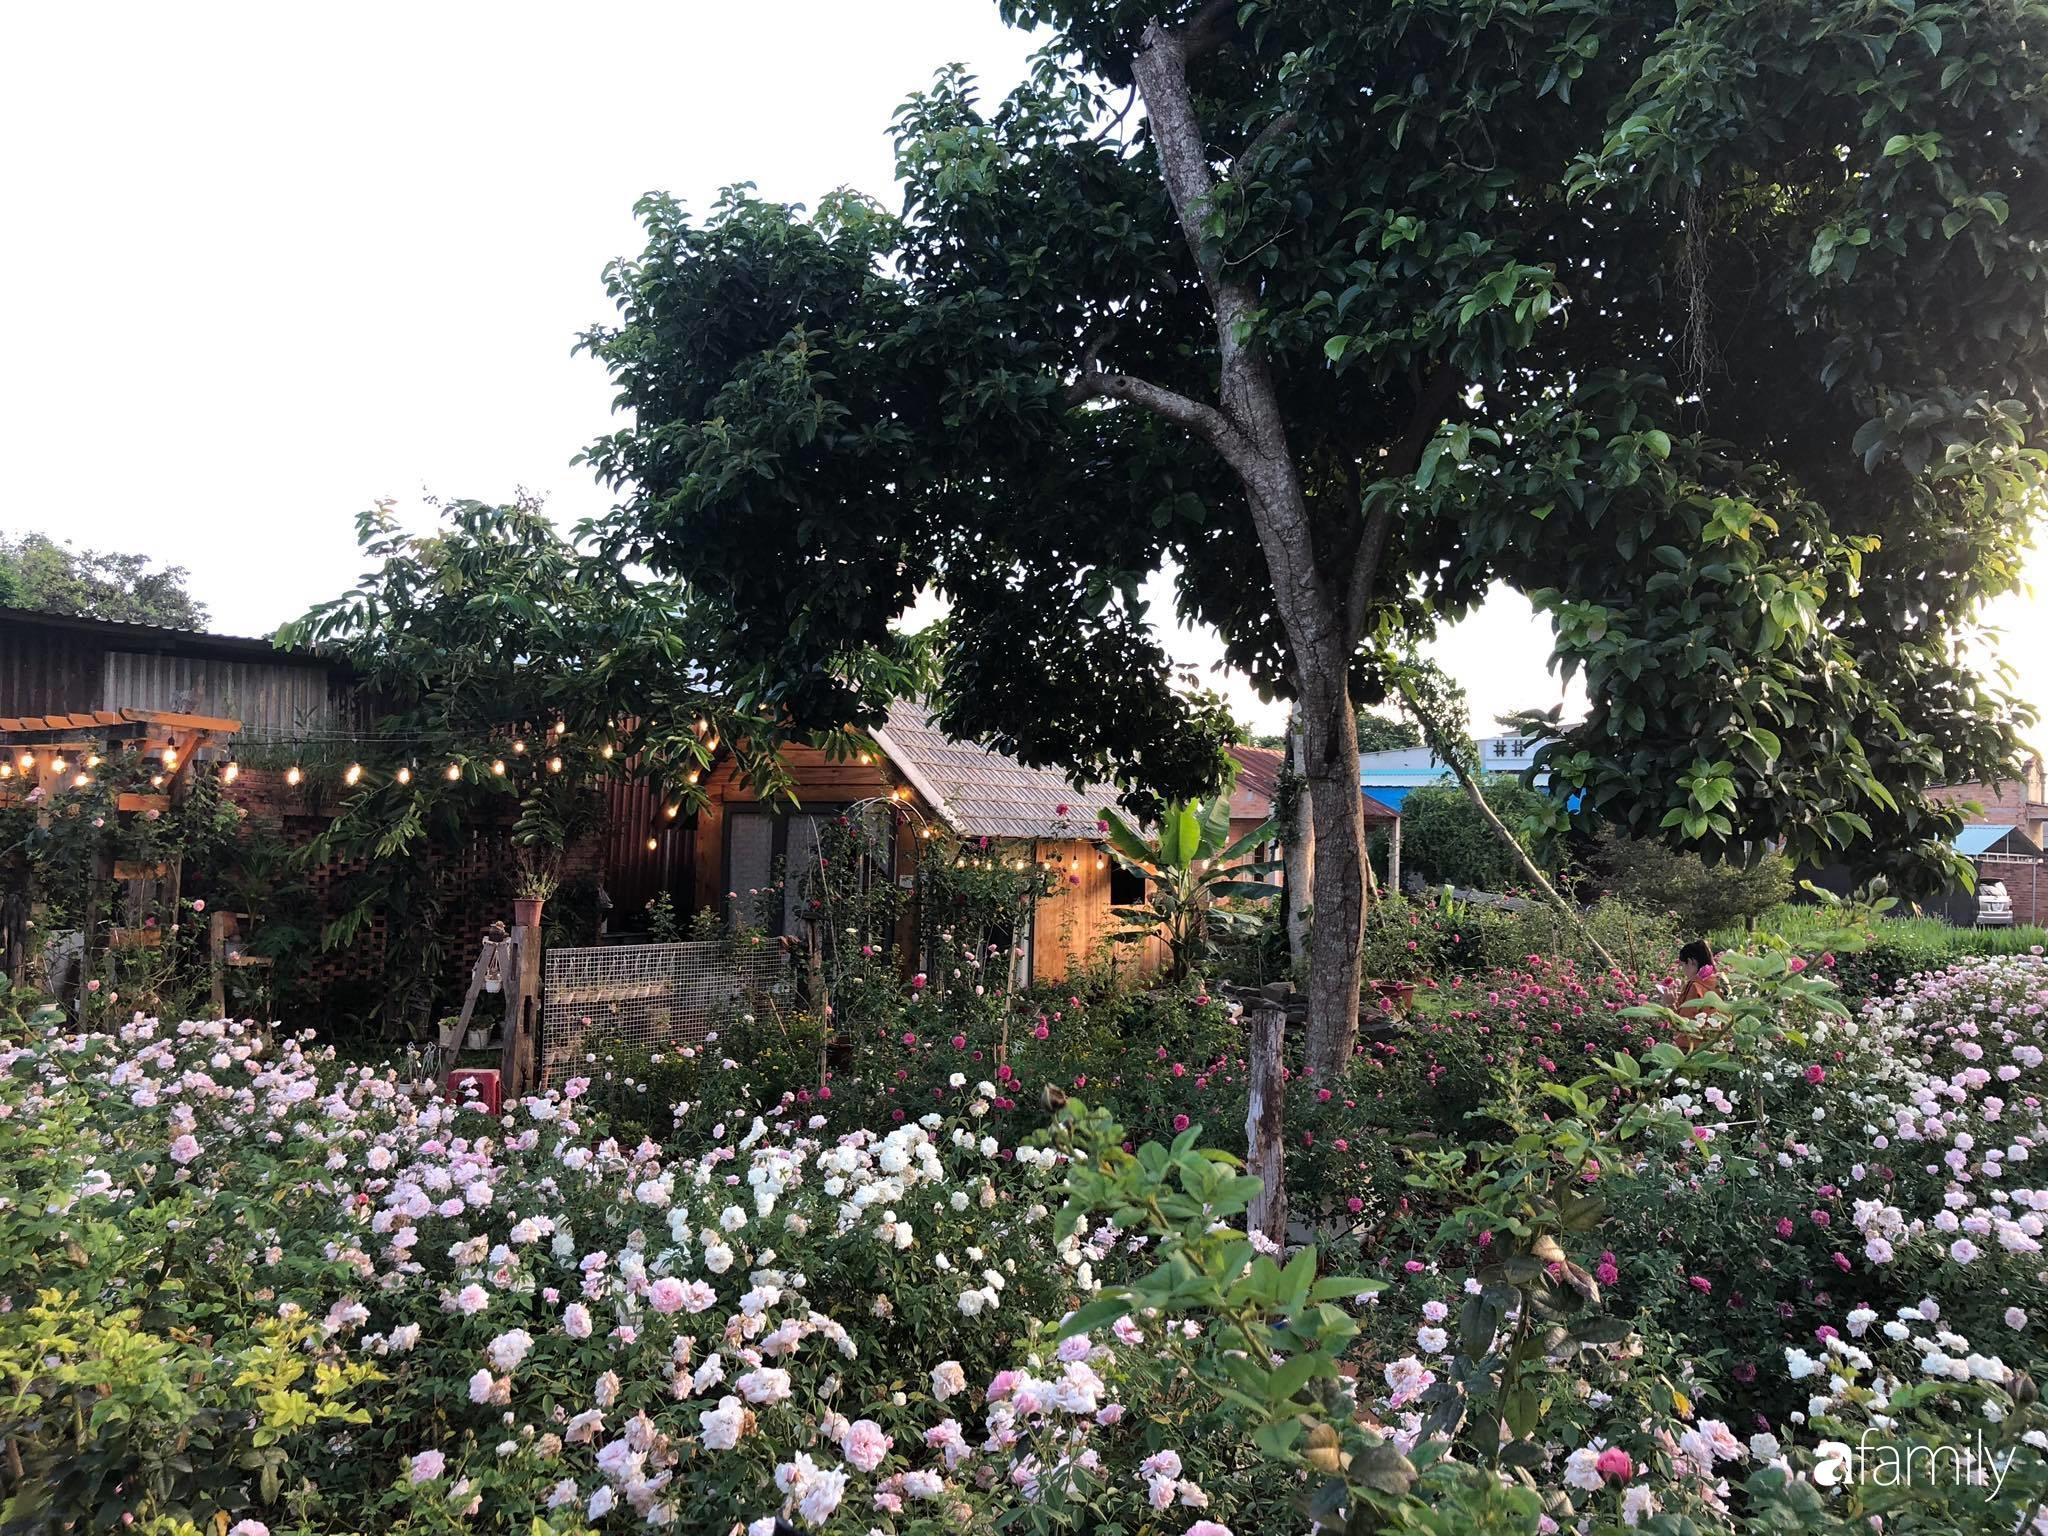 Khu vườn hoa hồng đẹp như cổ tích mà người chồng ngày đêm chăm sóc để tặng vợ con ở Vũng Tàu-9